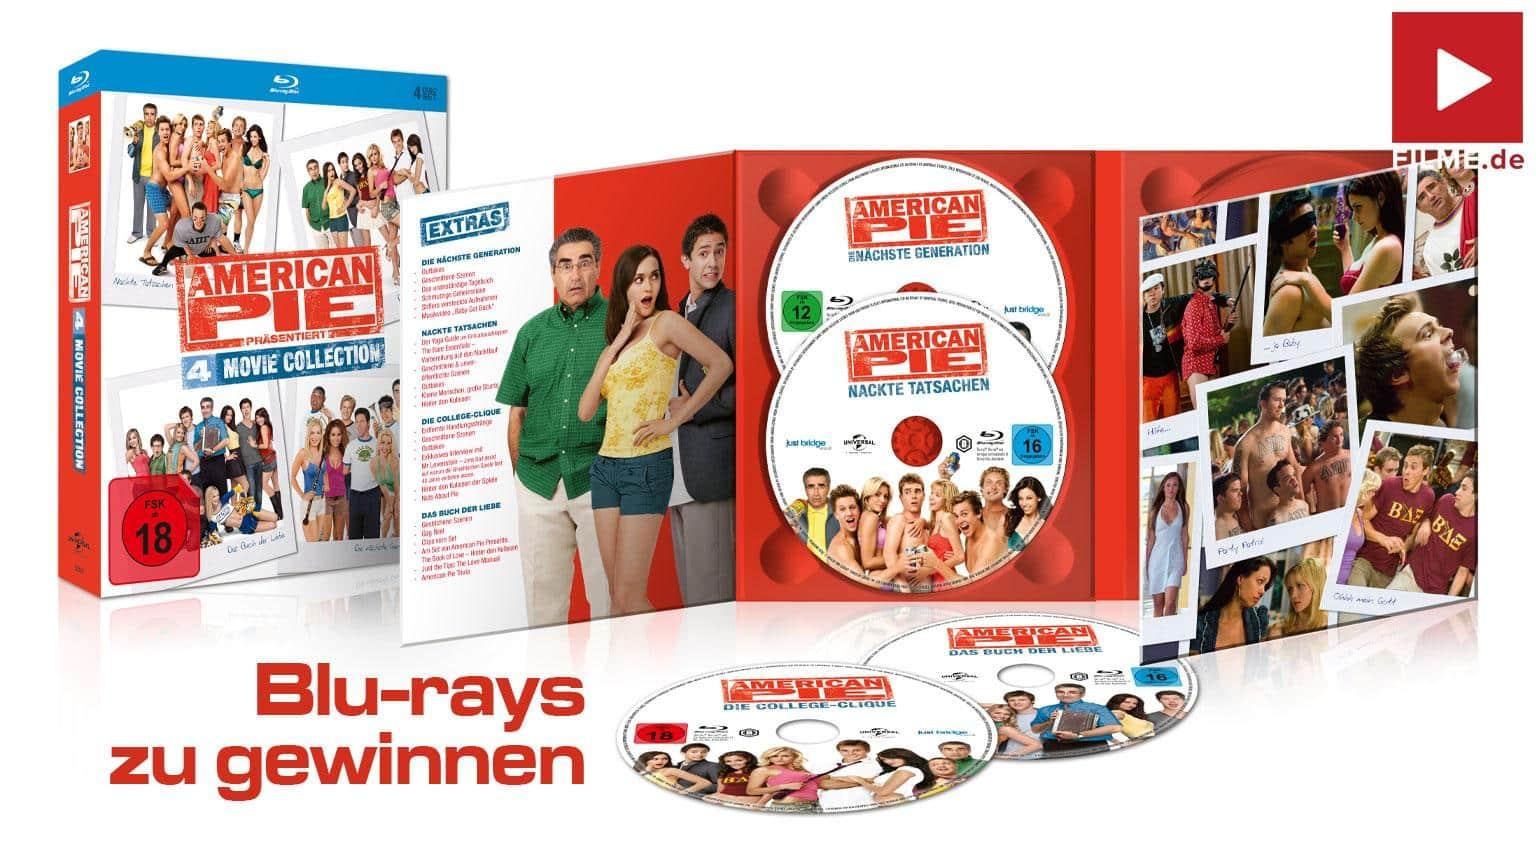 Gewinnspiel AMERICAN PIE 4 MOVIE COLLECTION Blu-ray gewinnen shop kaufen Artikelbild